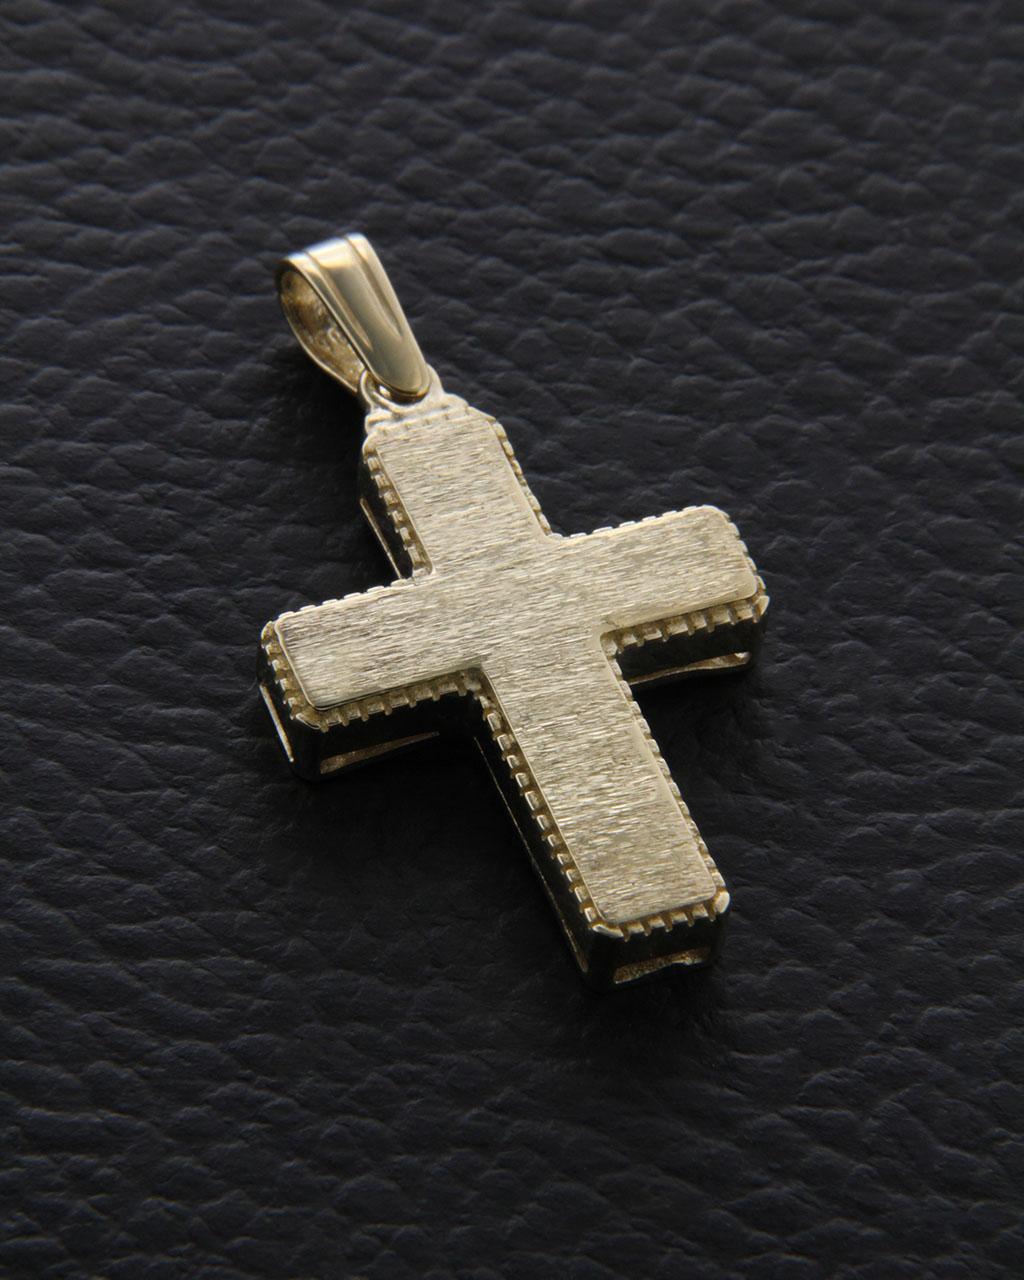 Σταυρός βαπτιστικός χρυσός Κ14 δύο όψεων   ανδρασ σταυροί ανδρικοί